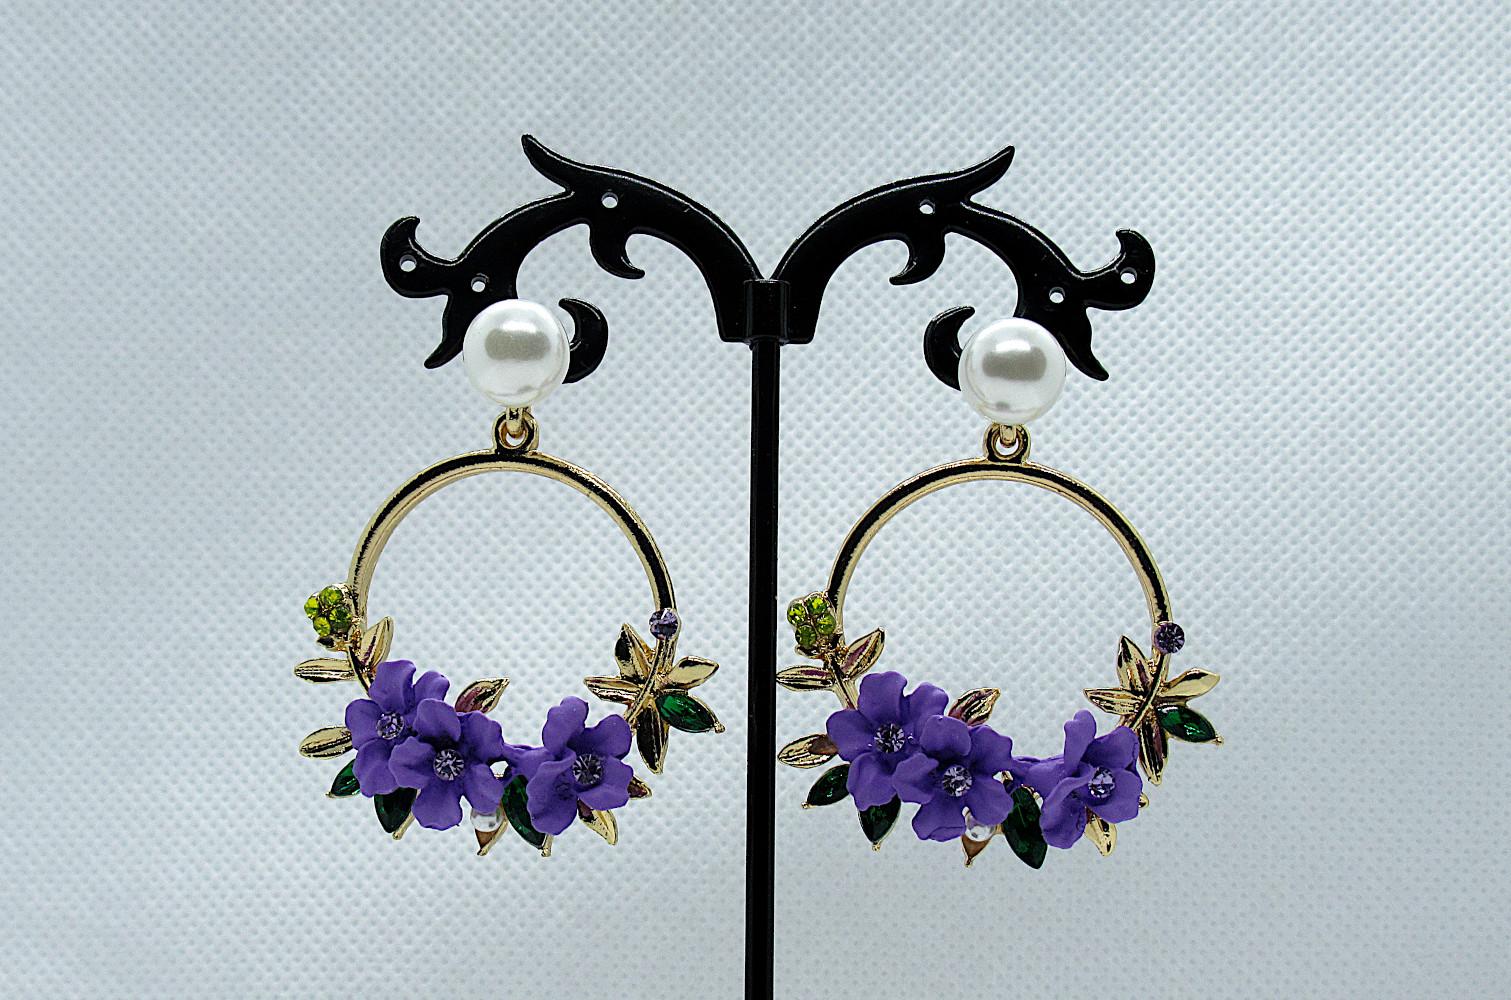 PA-303_Crystal and Pearl Floral Wreath Hoop Earrings-purple1